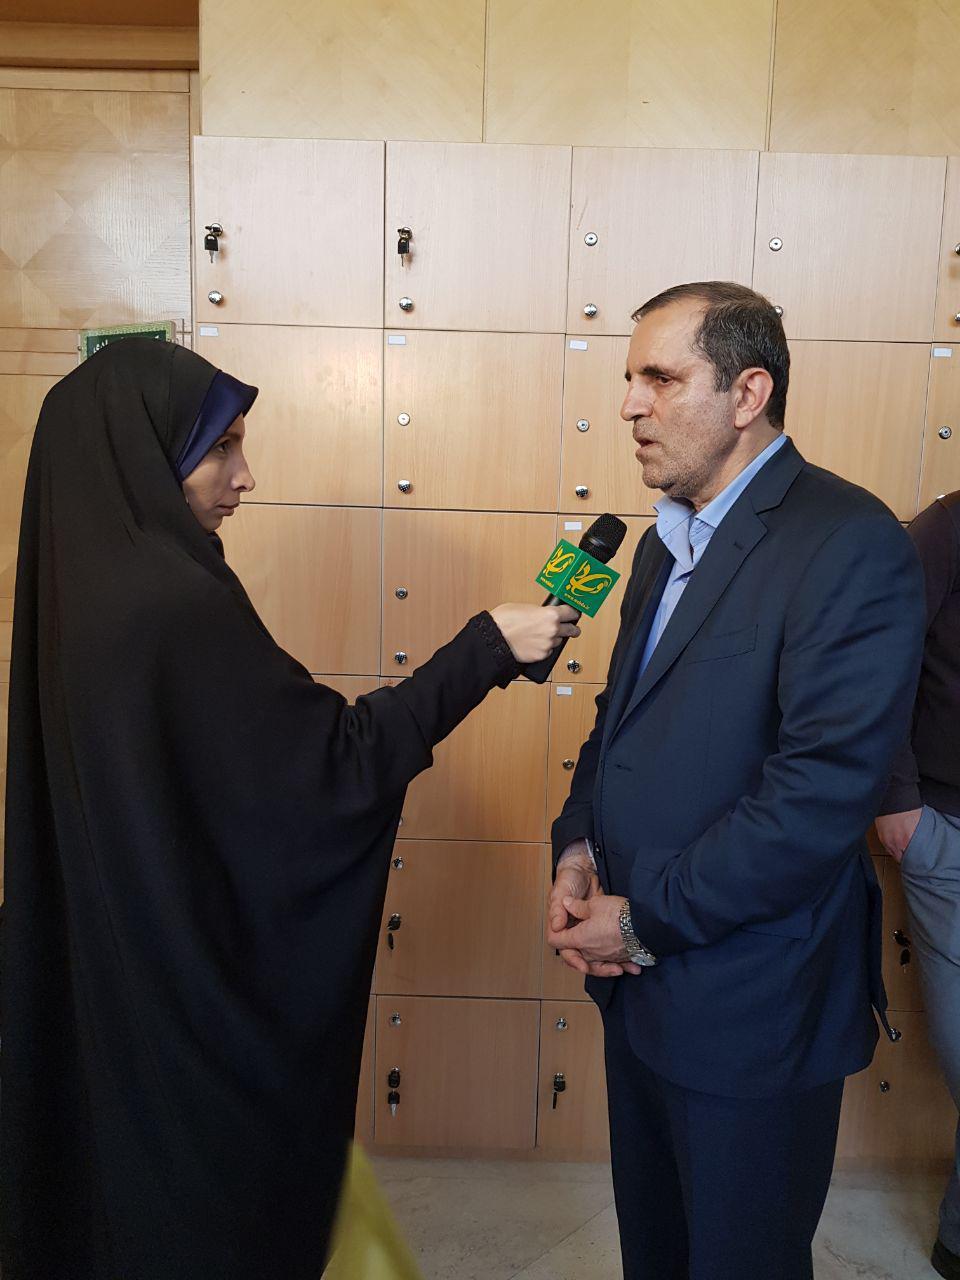 یوسفنژاد: تقدیم استیضاح وزیر علوم به هیأت رئیسه/ استیضاح زنگنه به صحن رسید